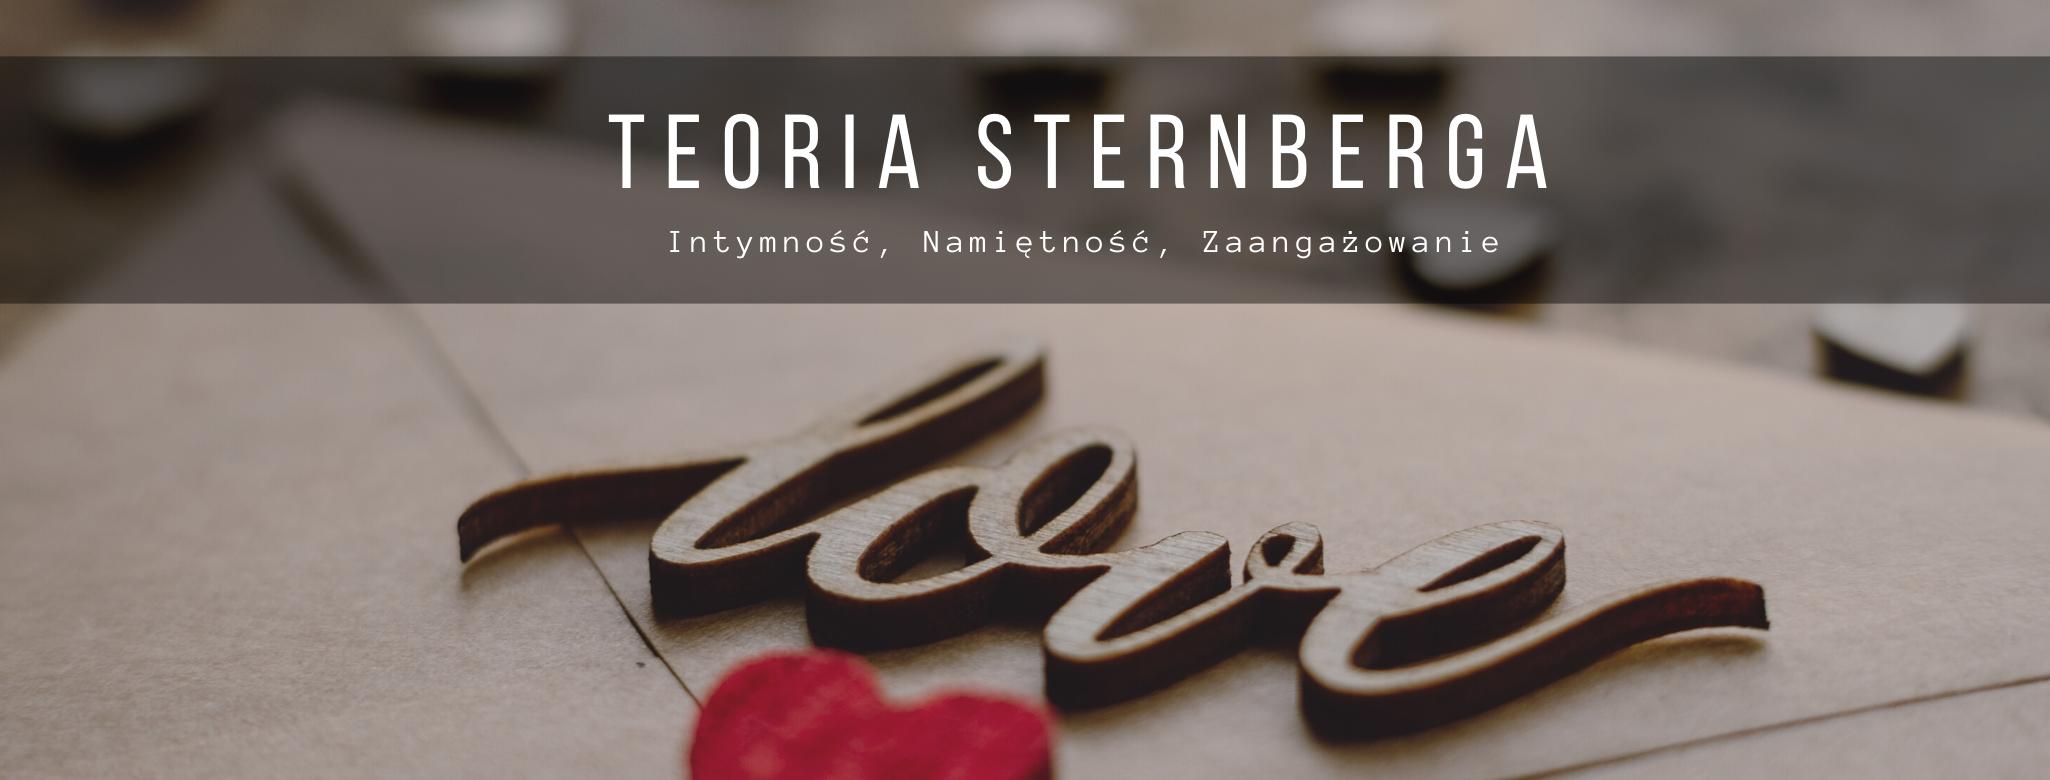 Teoria Sternberga – czyli krótkie rozważania o miłości.